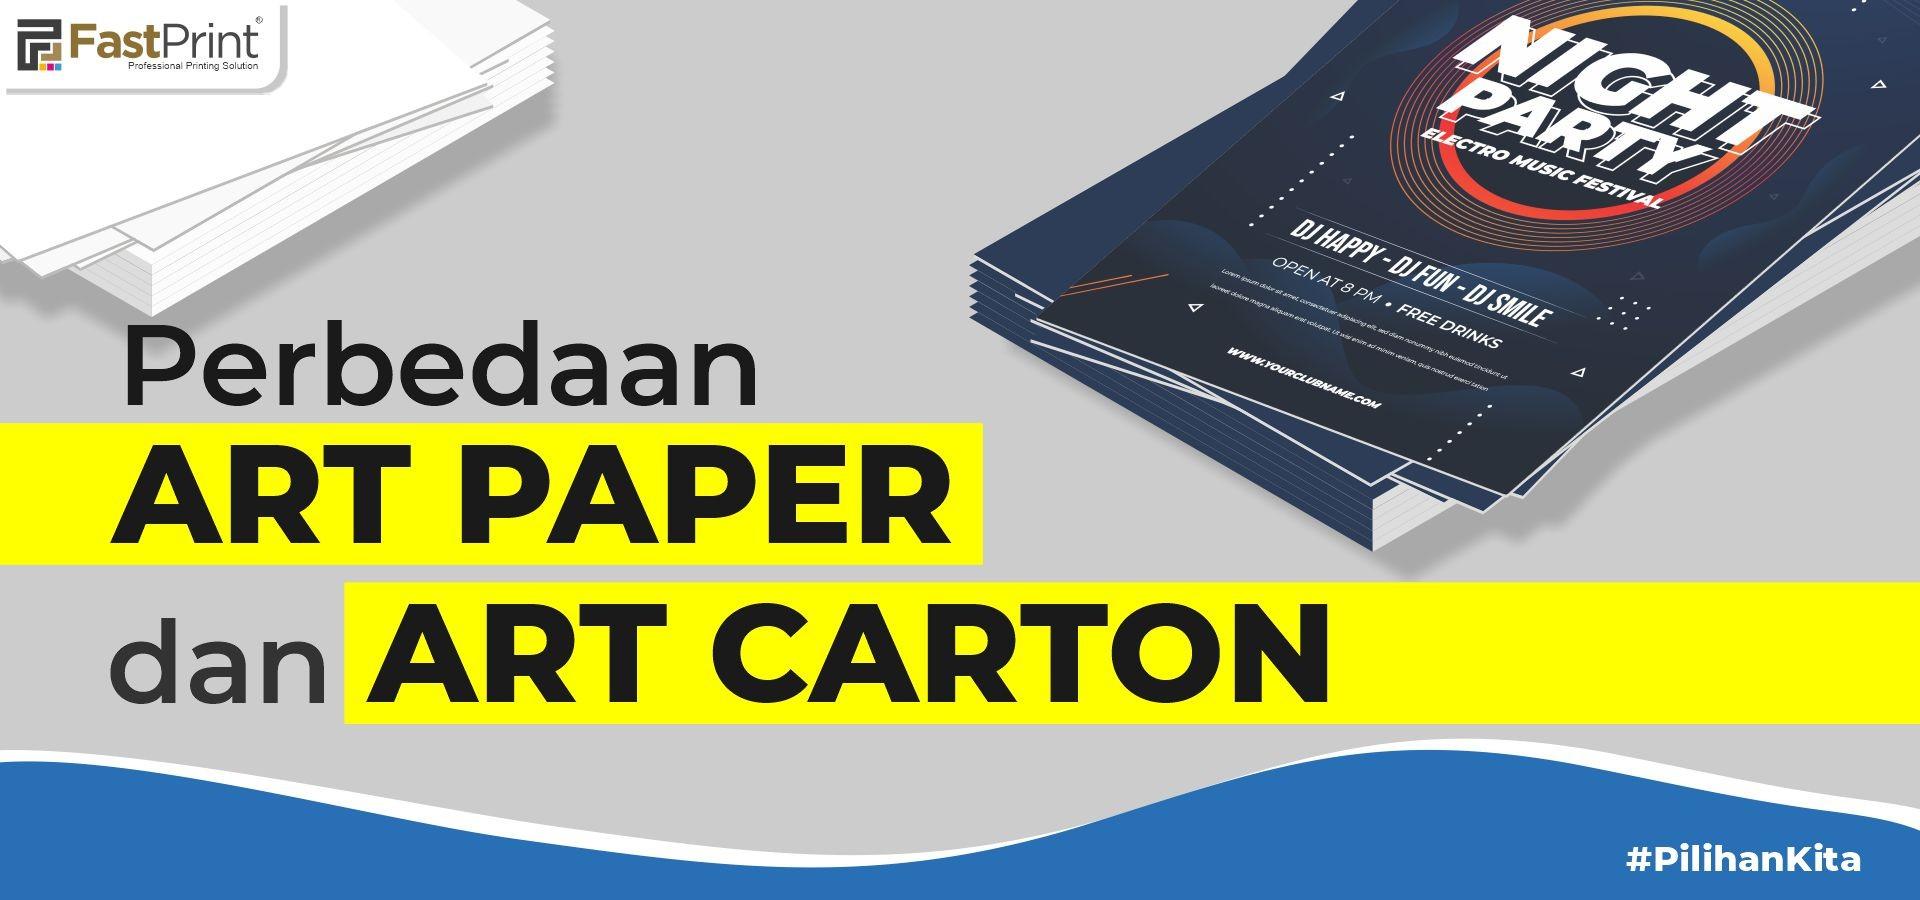 perbedaan art paper dan aer carton, art paper adalah, kertas art paper, jenis kertas art paper